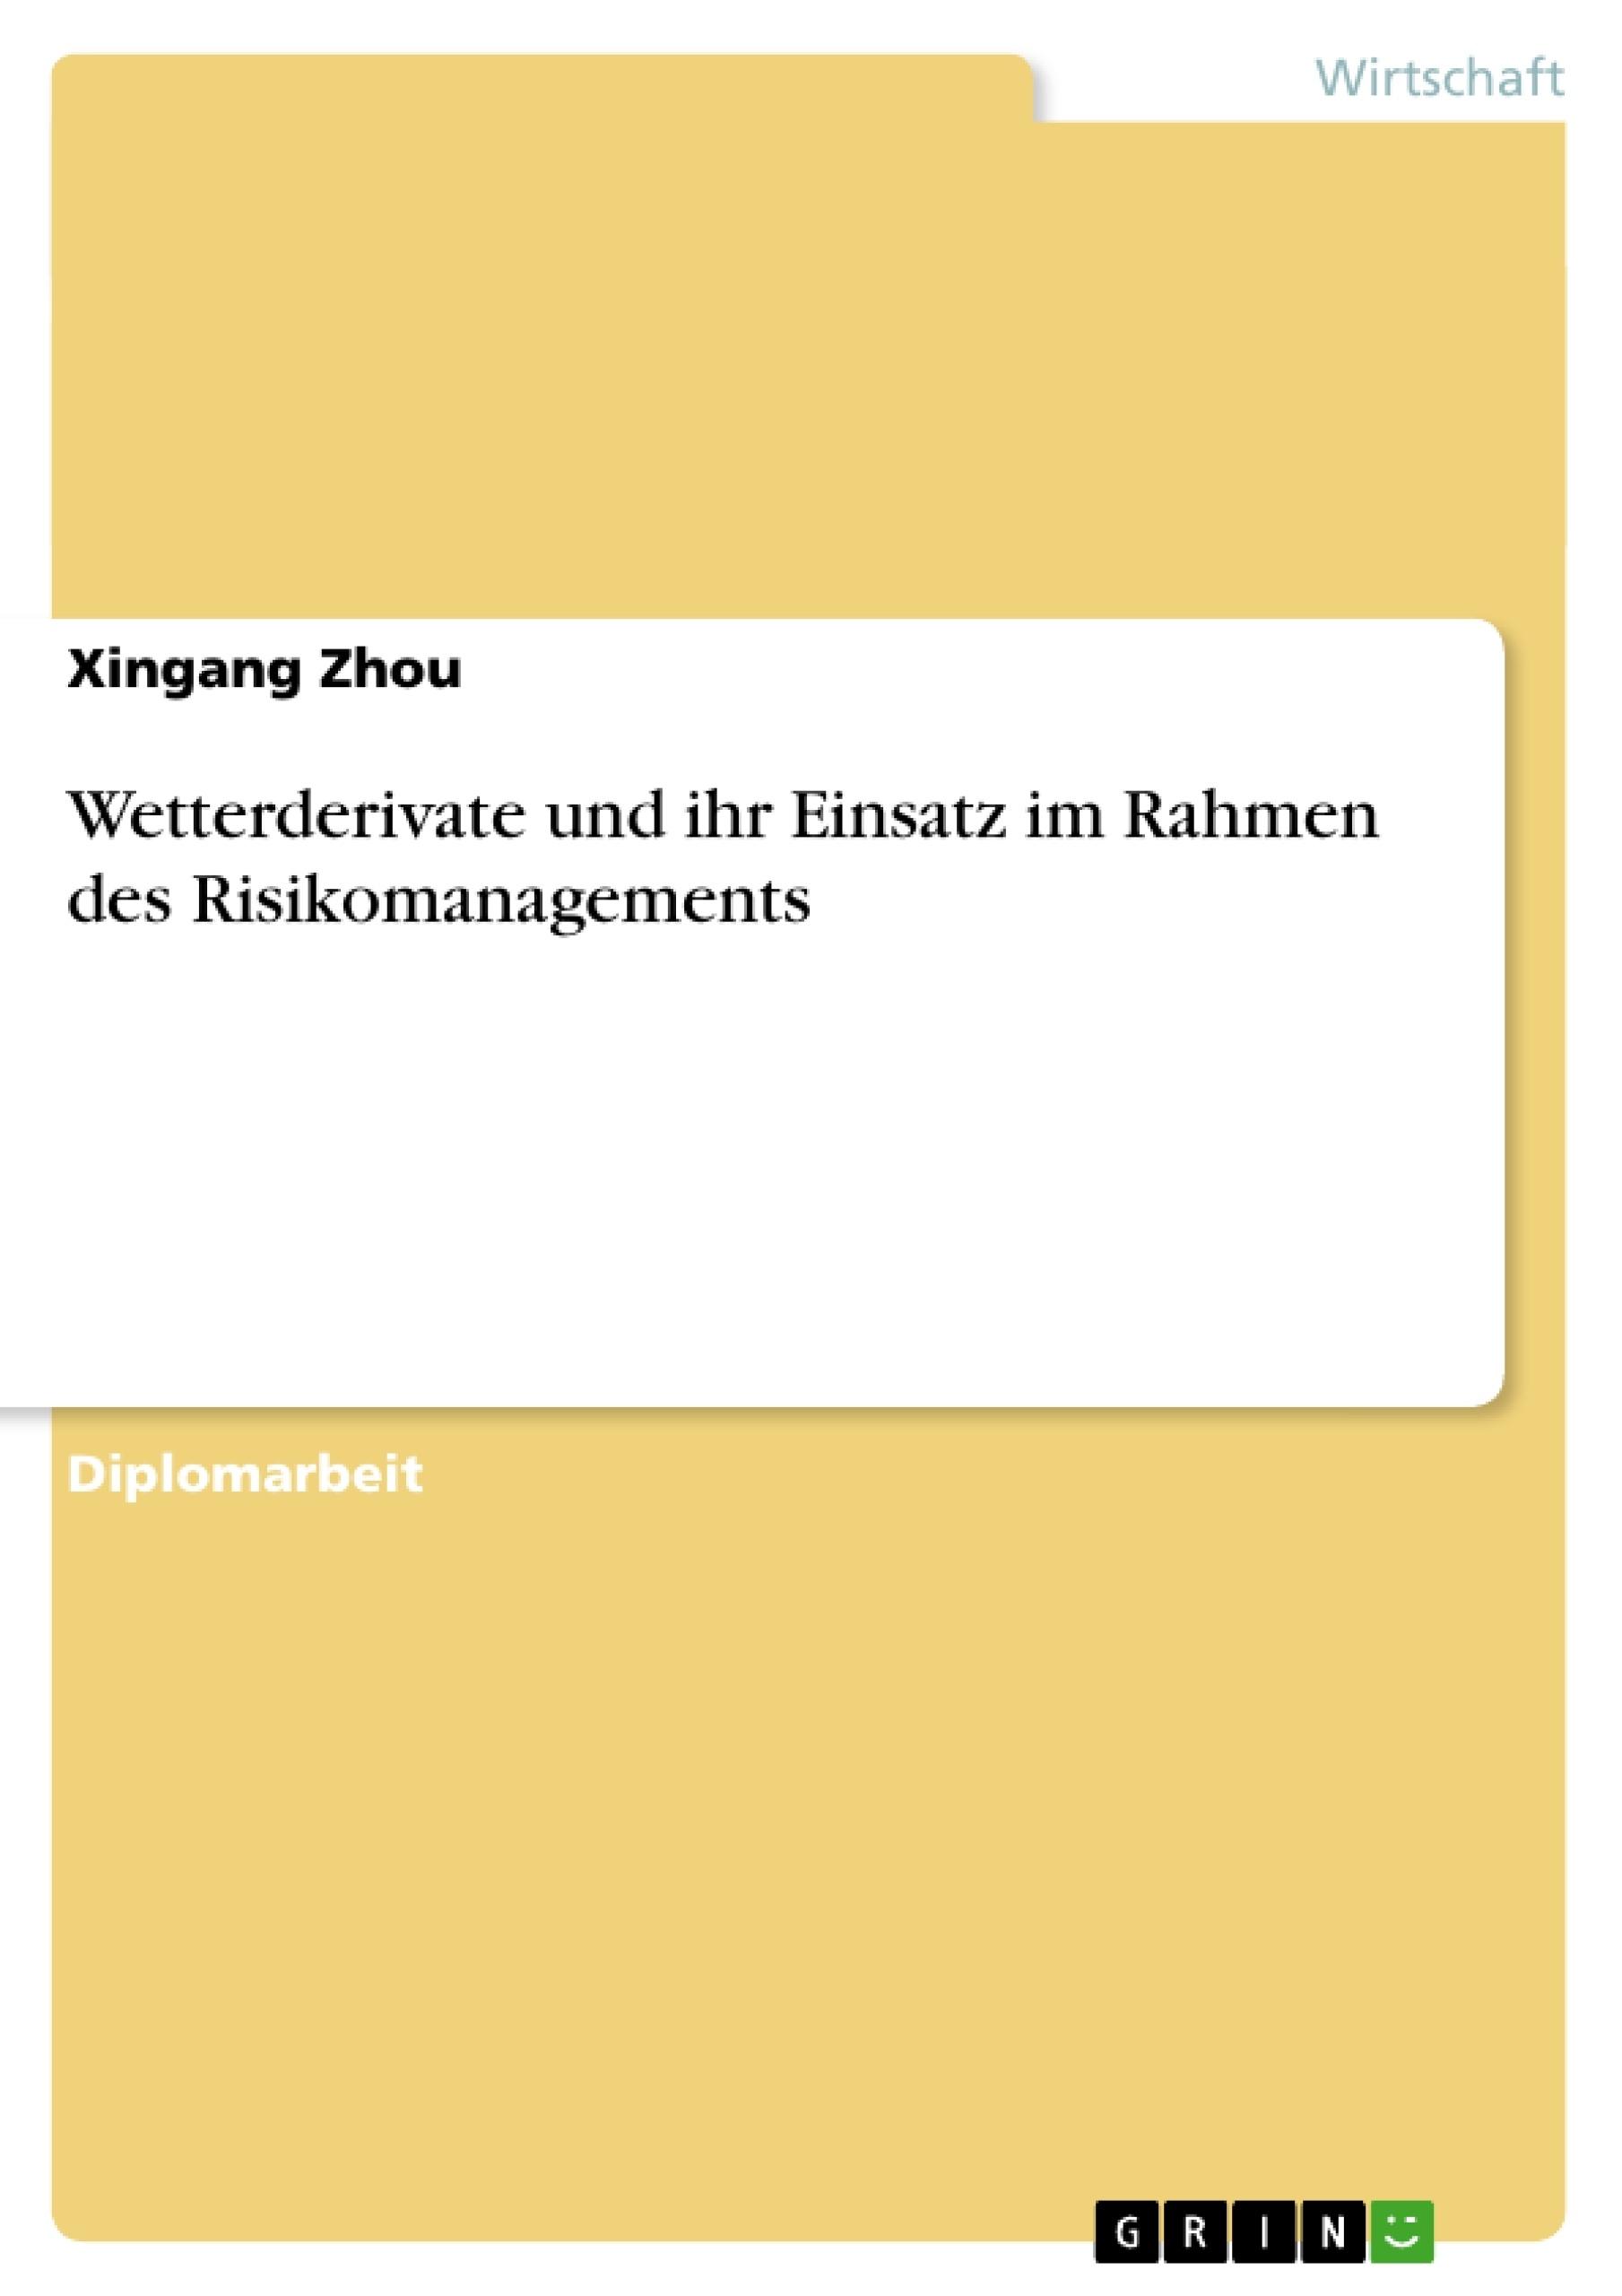 Titel: Wetterderivate und ihr Einsatz im Rahmen des Risikomanagements